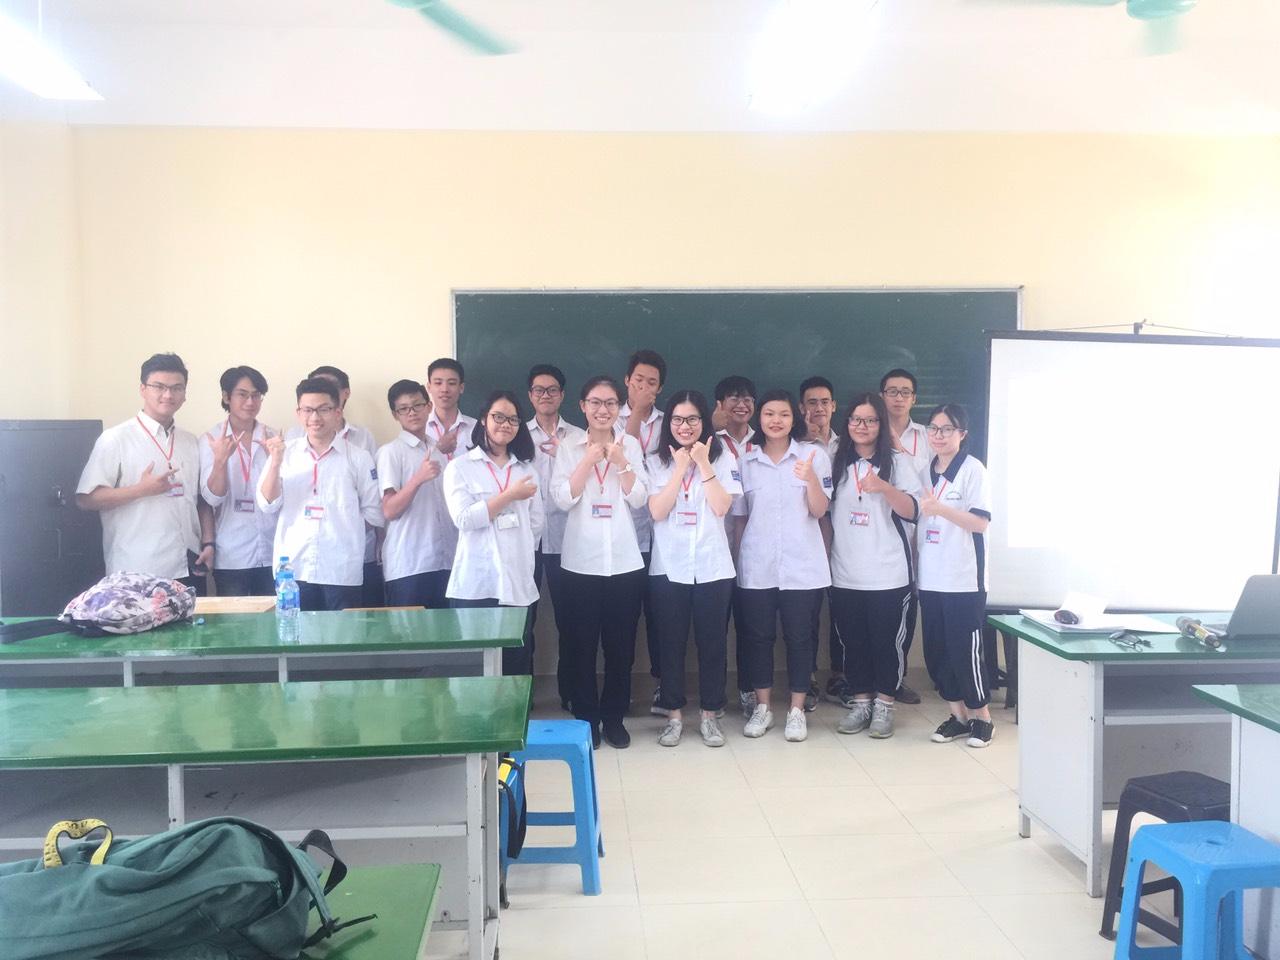 Chúc các con đội tuyển HSG lớp 12 bình tĩnh, tự tin và đạt kết quả cao